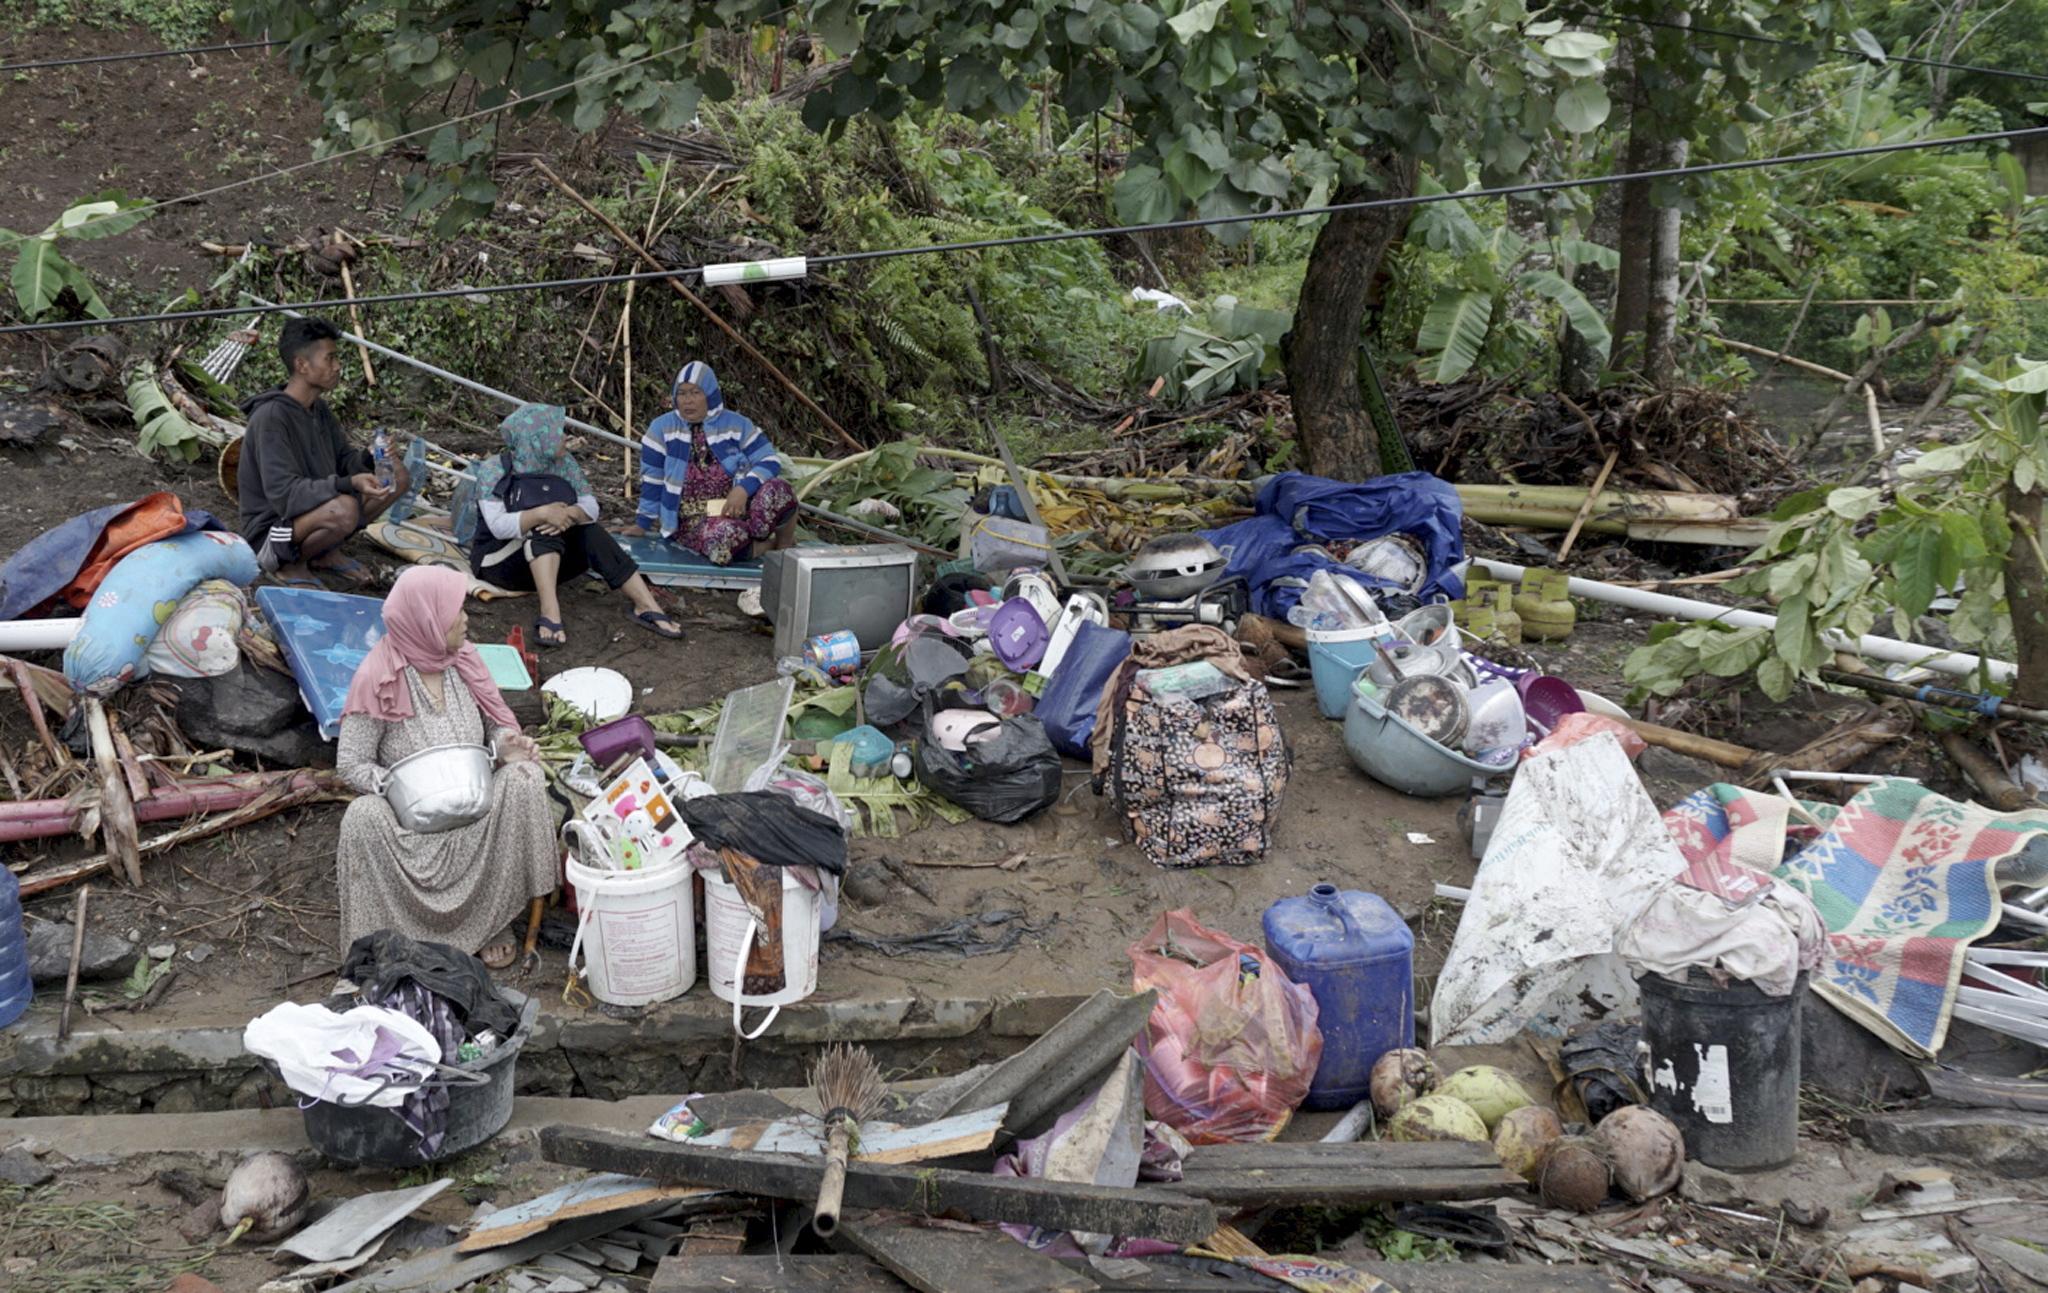 indonisia-xeperasan-toys-220-oi-nekroi-apo-to-tsoynami-meta-tin-ekrixi-ifaisteioy-fotografies-amp-8211-vinteo25